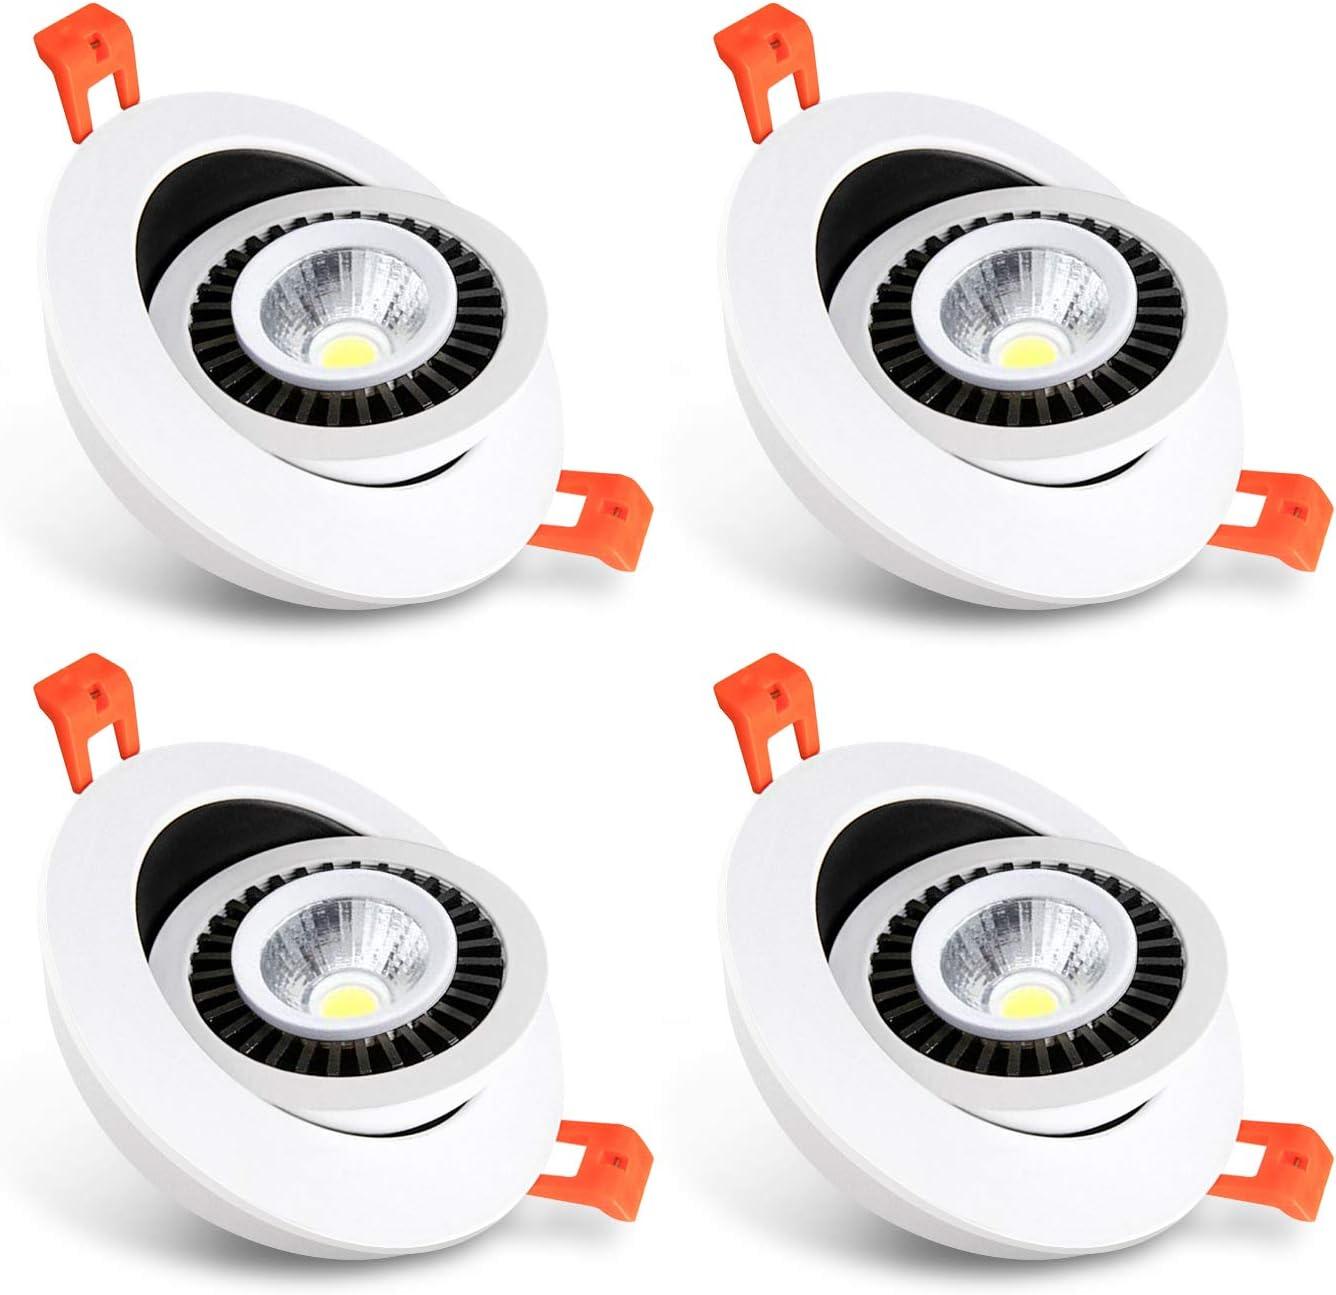 激安 激安特価 送料無料 TOARLD 3 Inch LED Recessed Lighting 5W Taich 流行 Dimmable Downlight